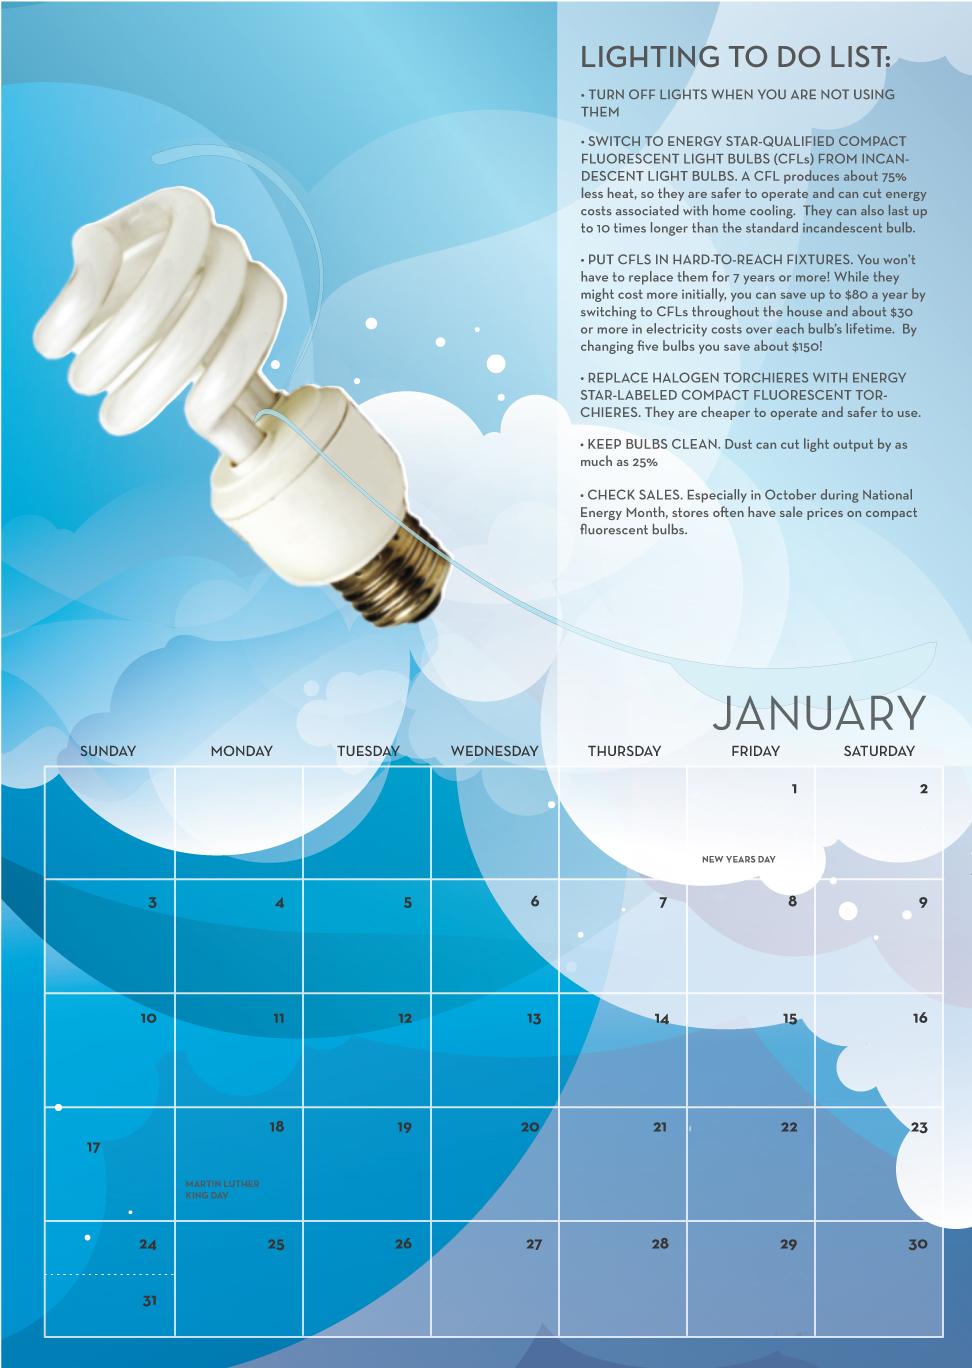 lightbulbs_v10